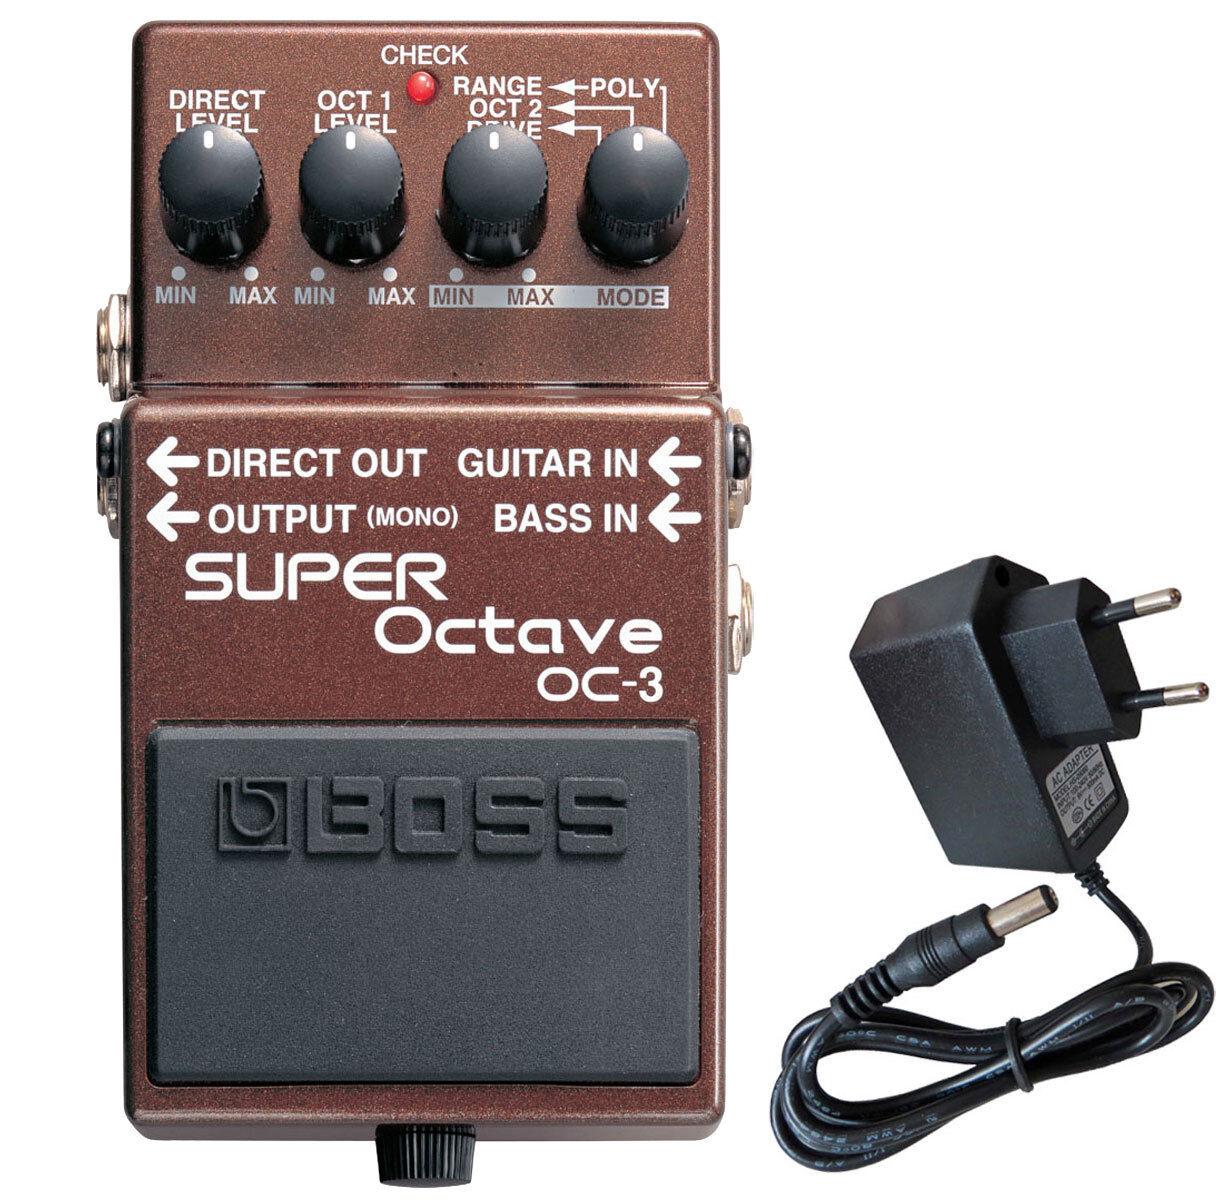 Boss OC-3 Super Octave Effektgerät + Keepdrum Netzteil